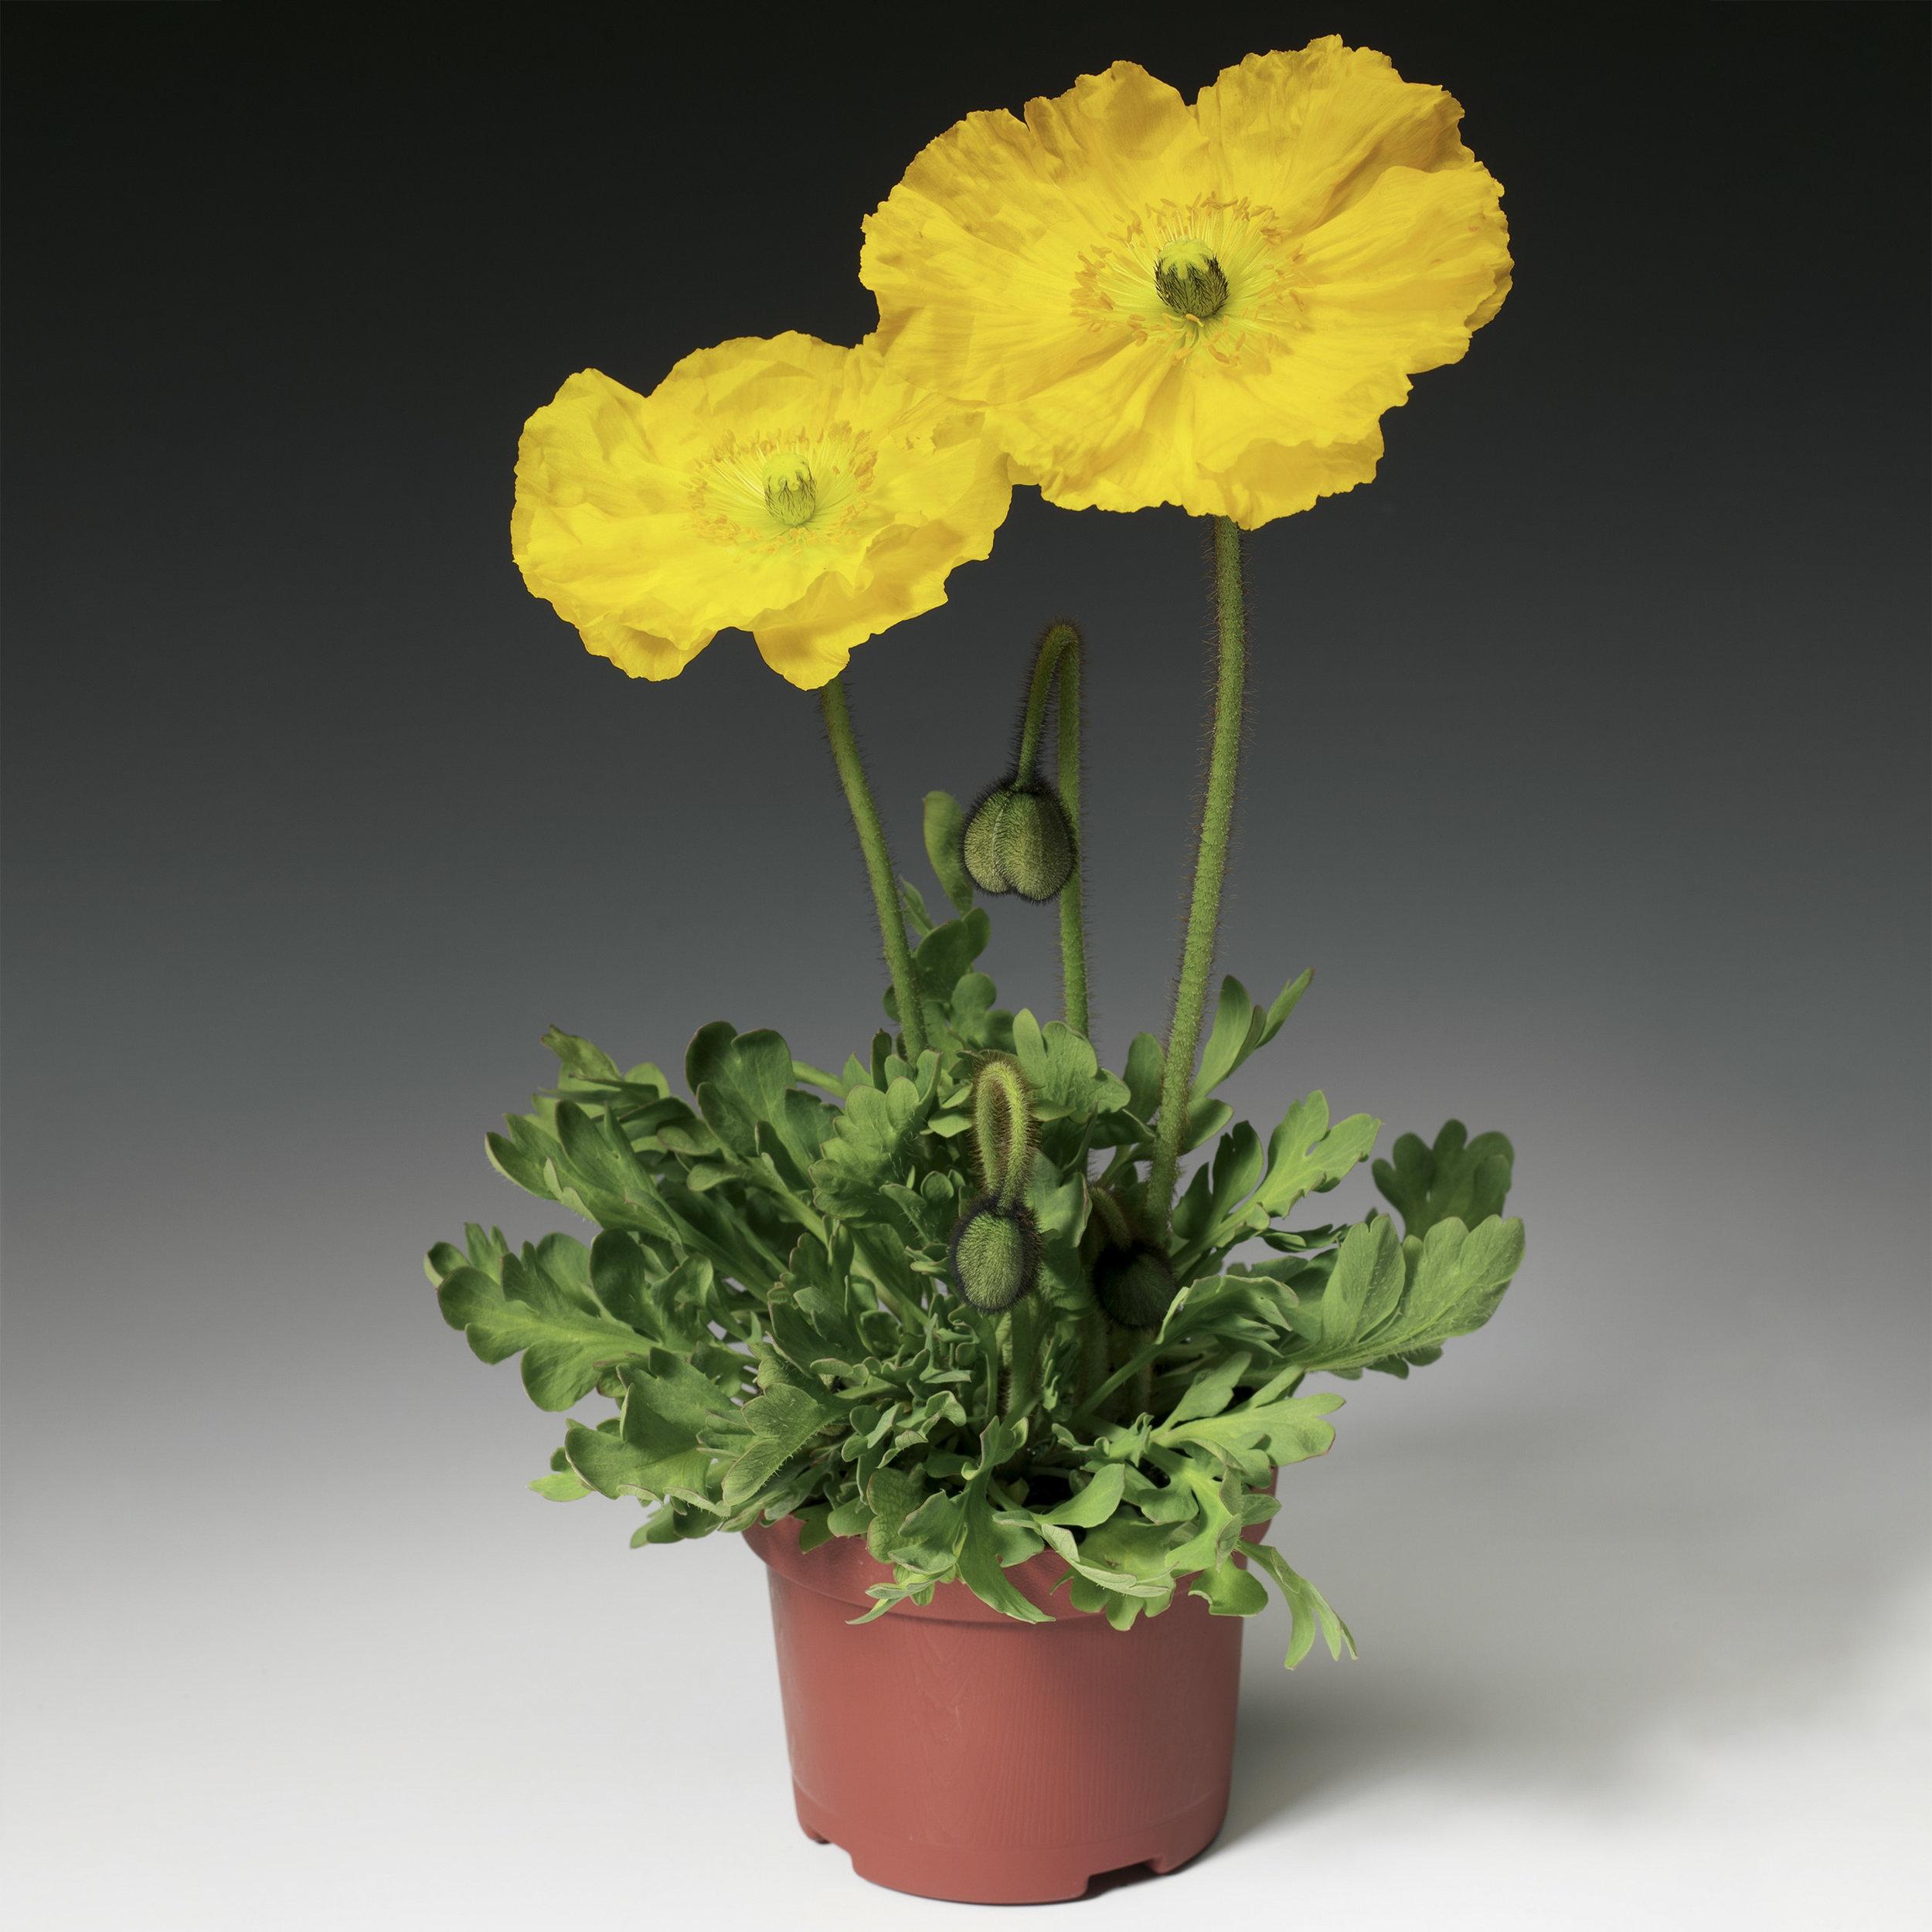 HR_Seed_Papaver_Pulchinella__Pulchinella__Yellow_70000833.jpg